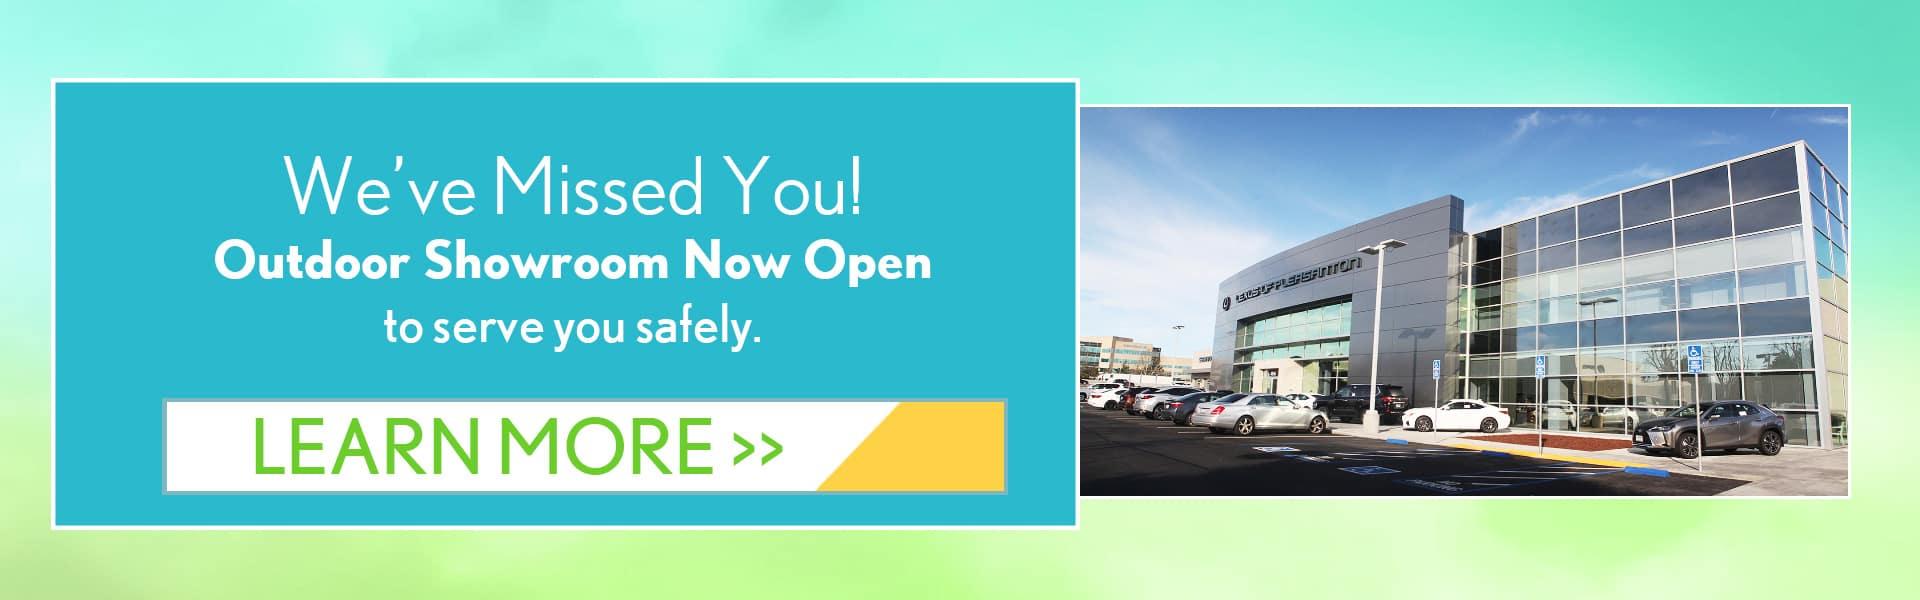 we missed you outdoor showroom is now open